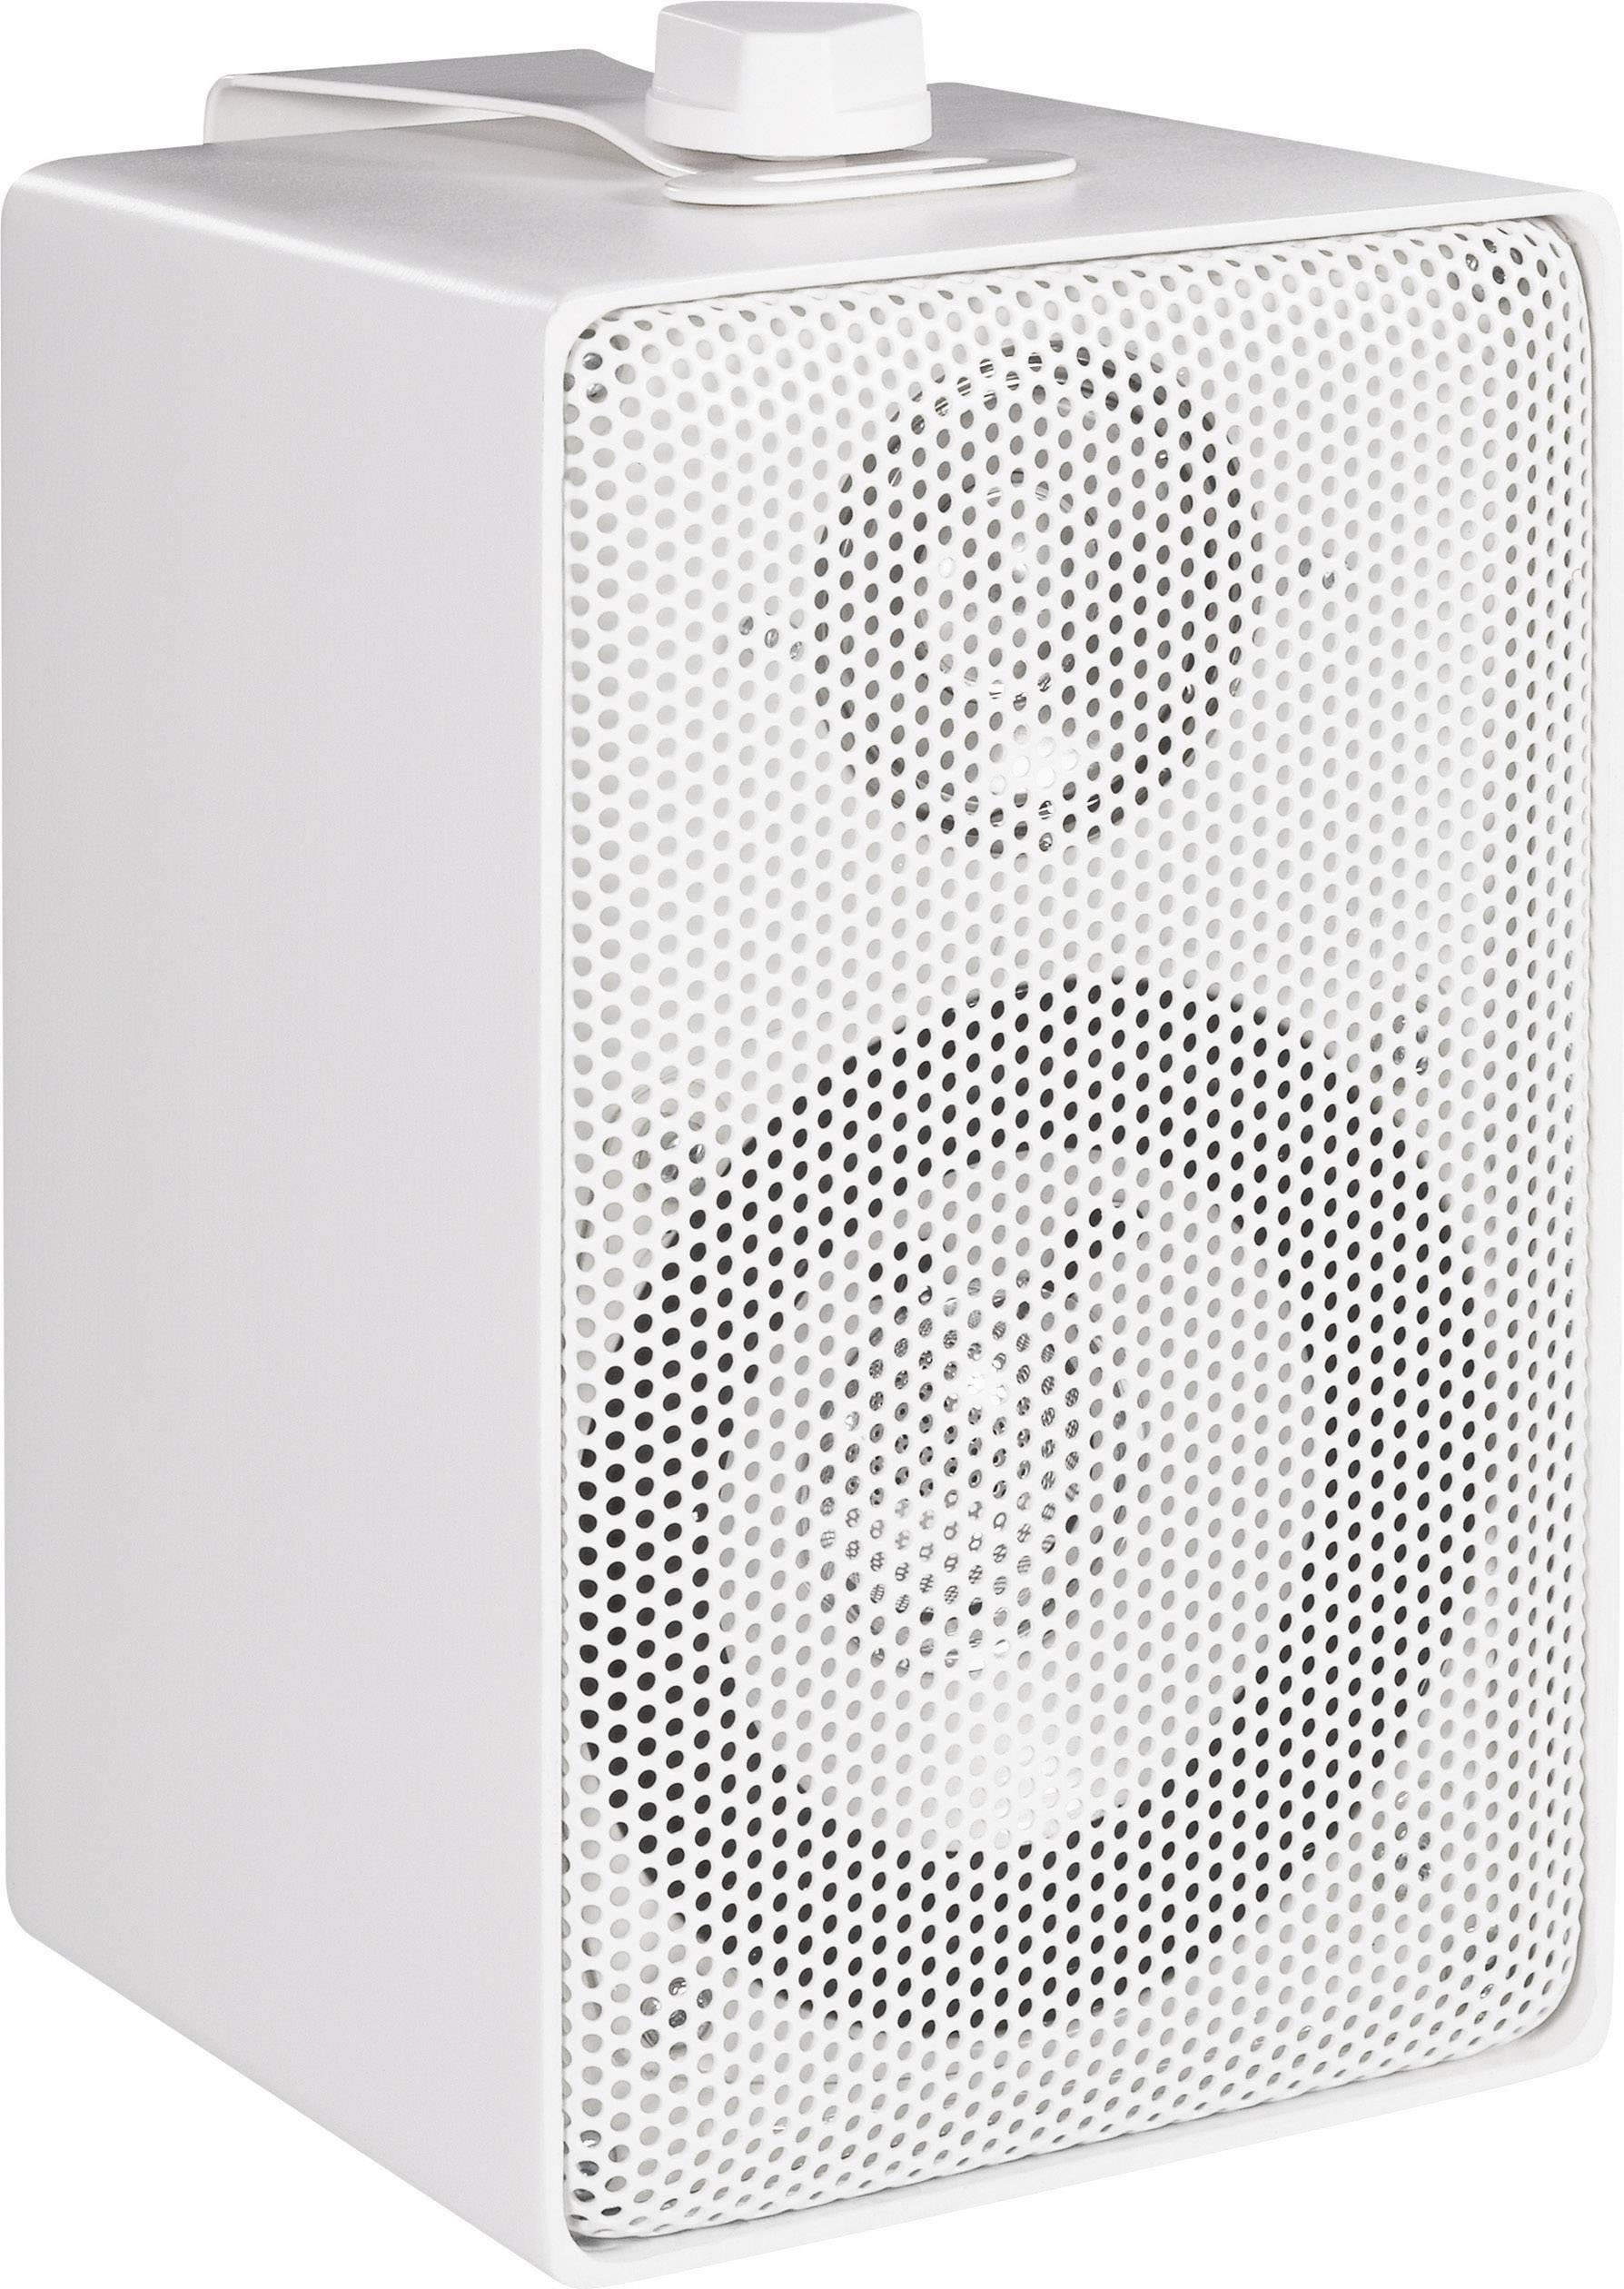 Reproduktor ELA Speaka, 4 Ω,89 dB, 16 W, bílá